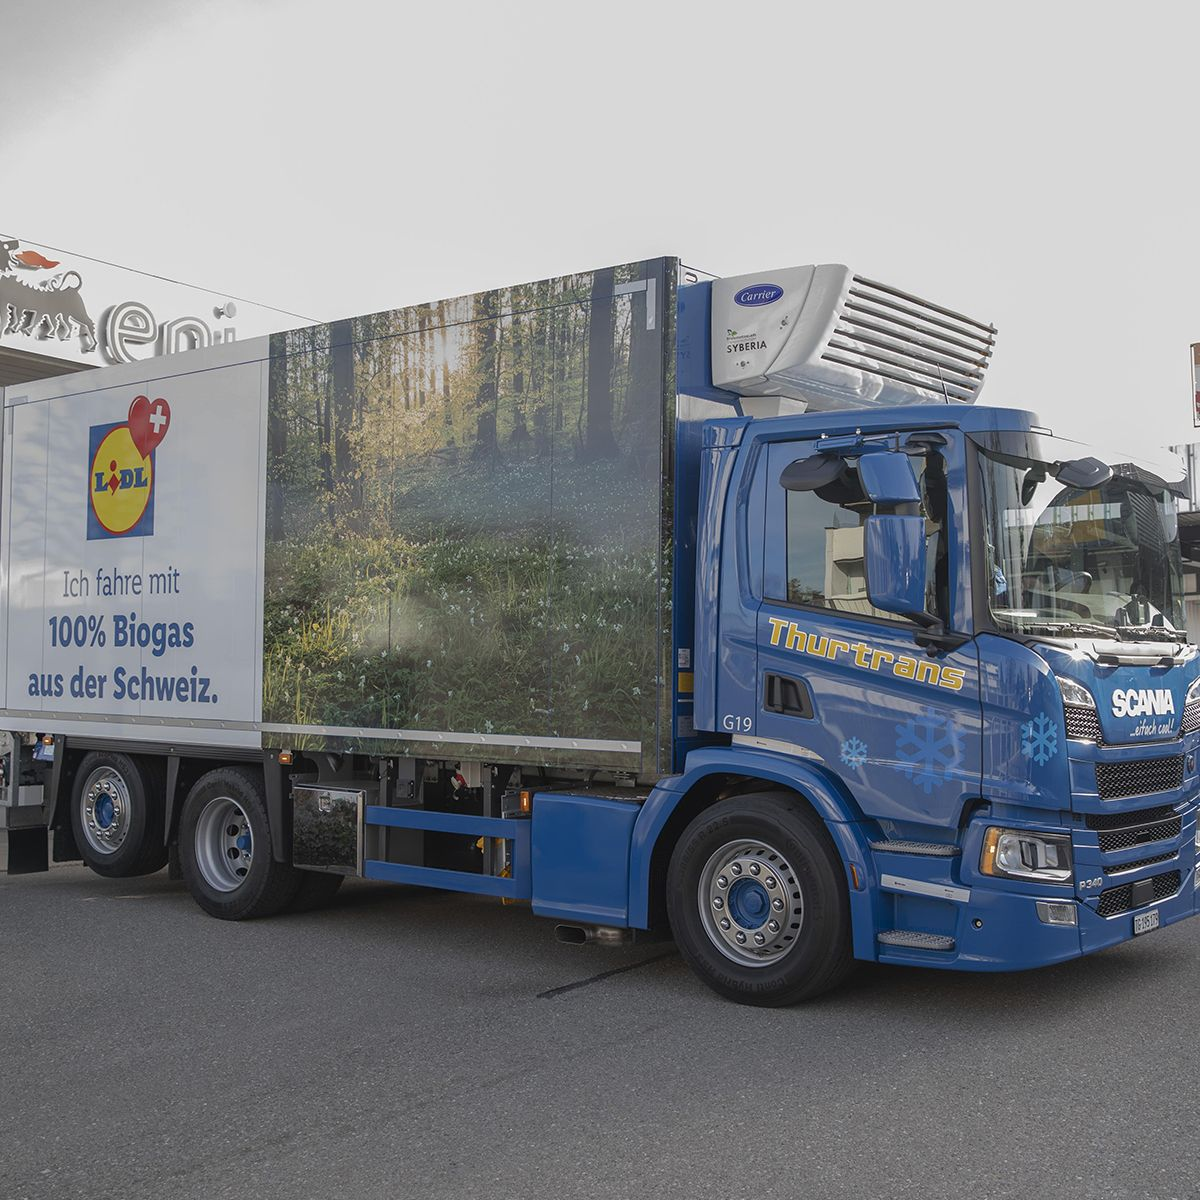 Premier plein pour un poids-lourd à biogaz de Lidl Suisse.